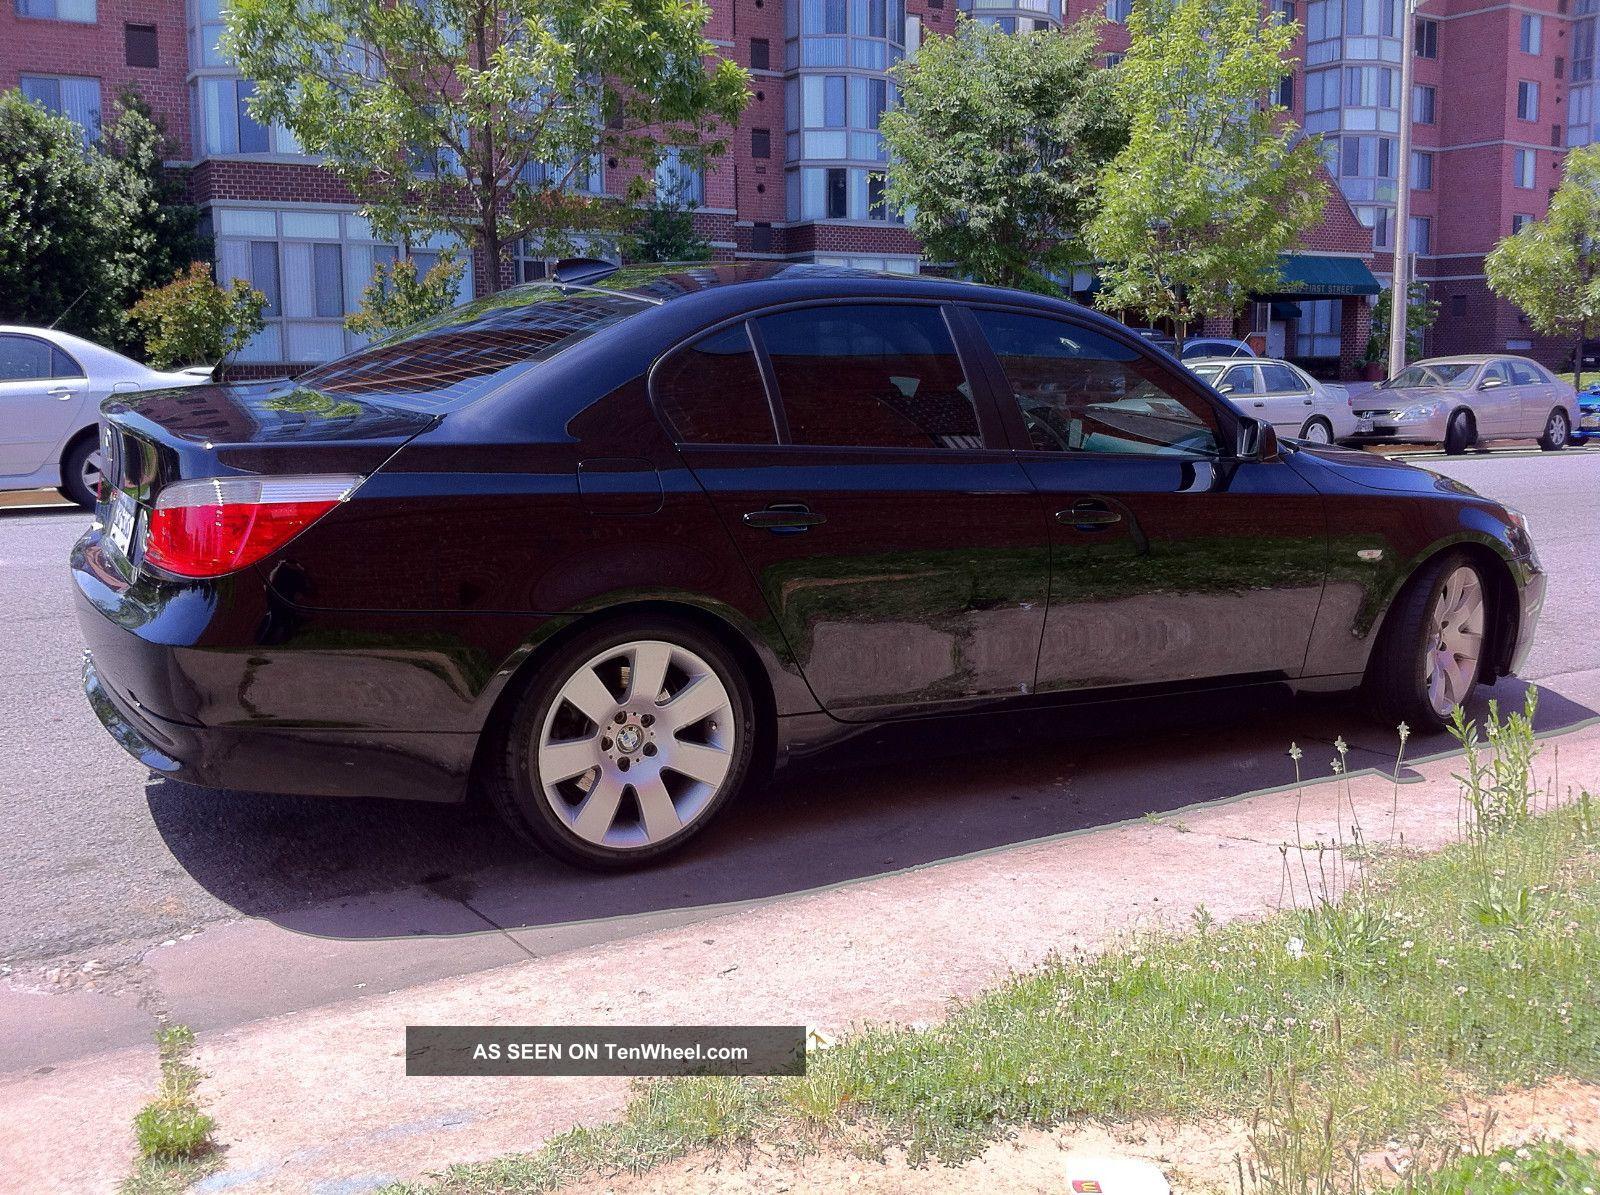 2007 Bmw 530li (50 Images) - HD Car Wallpaper